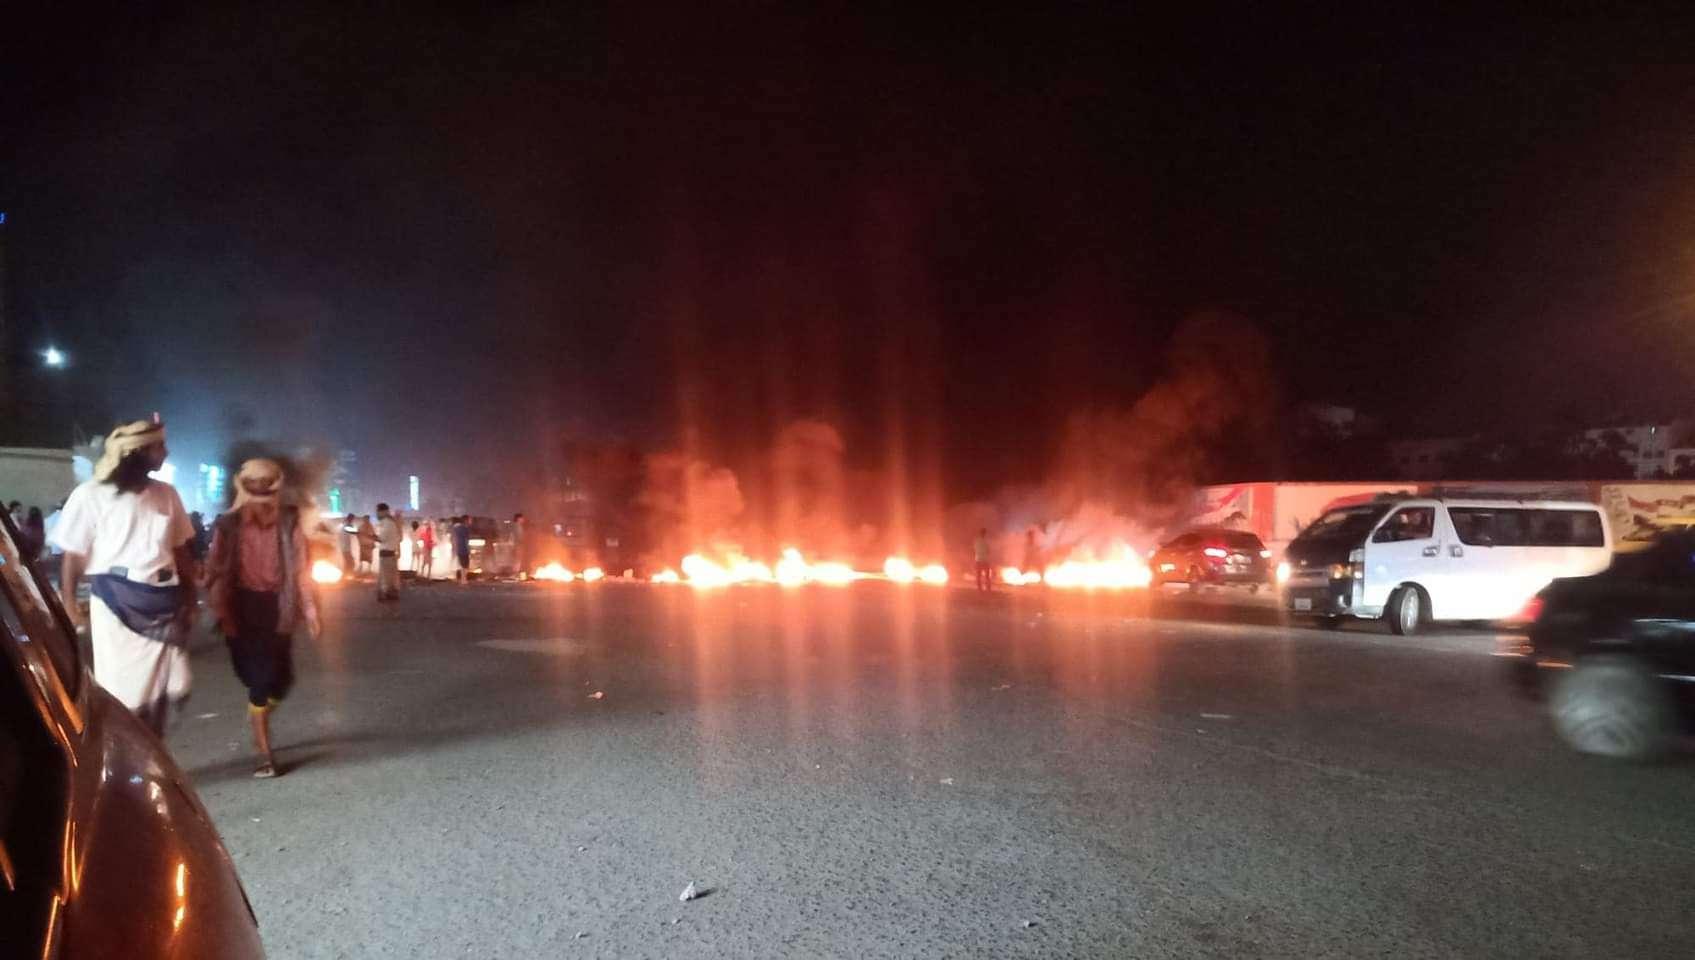 يحدث الان.. غضب شعبي في عدن (صورة اولية)